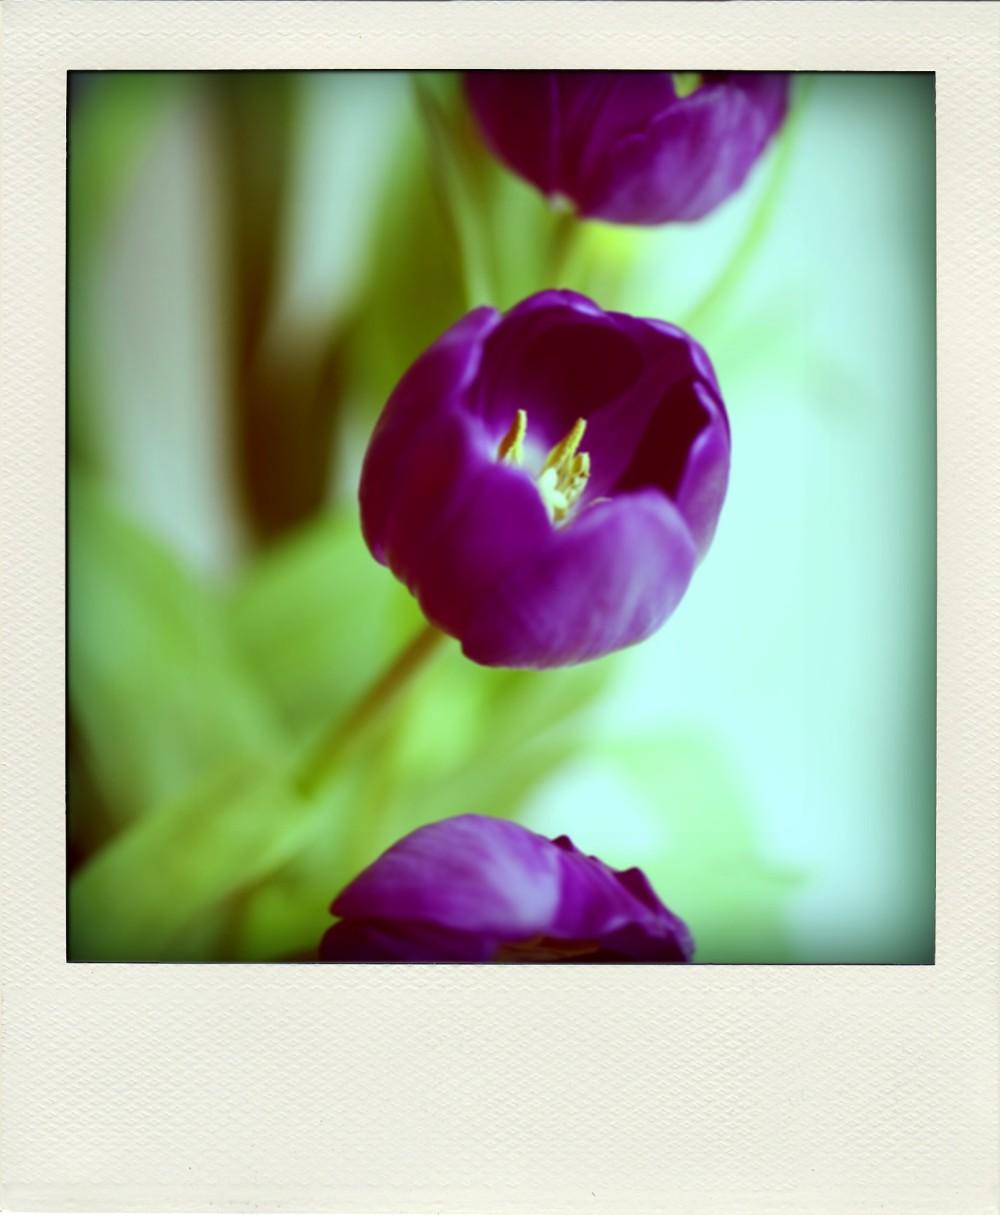 Tulips2-pola